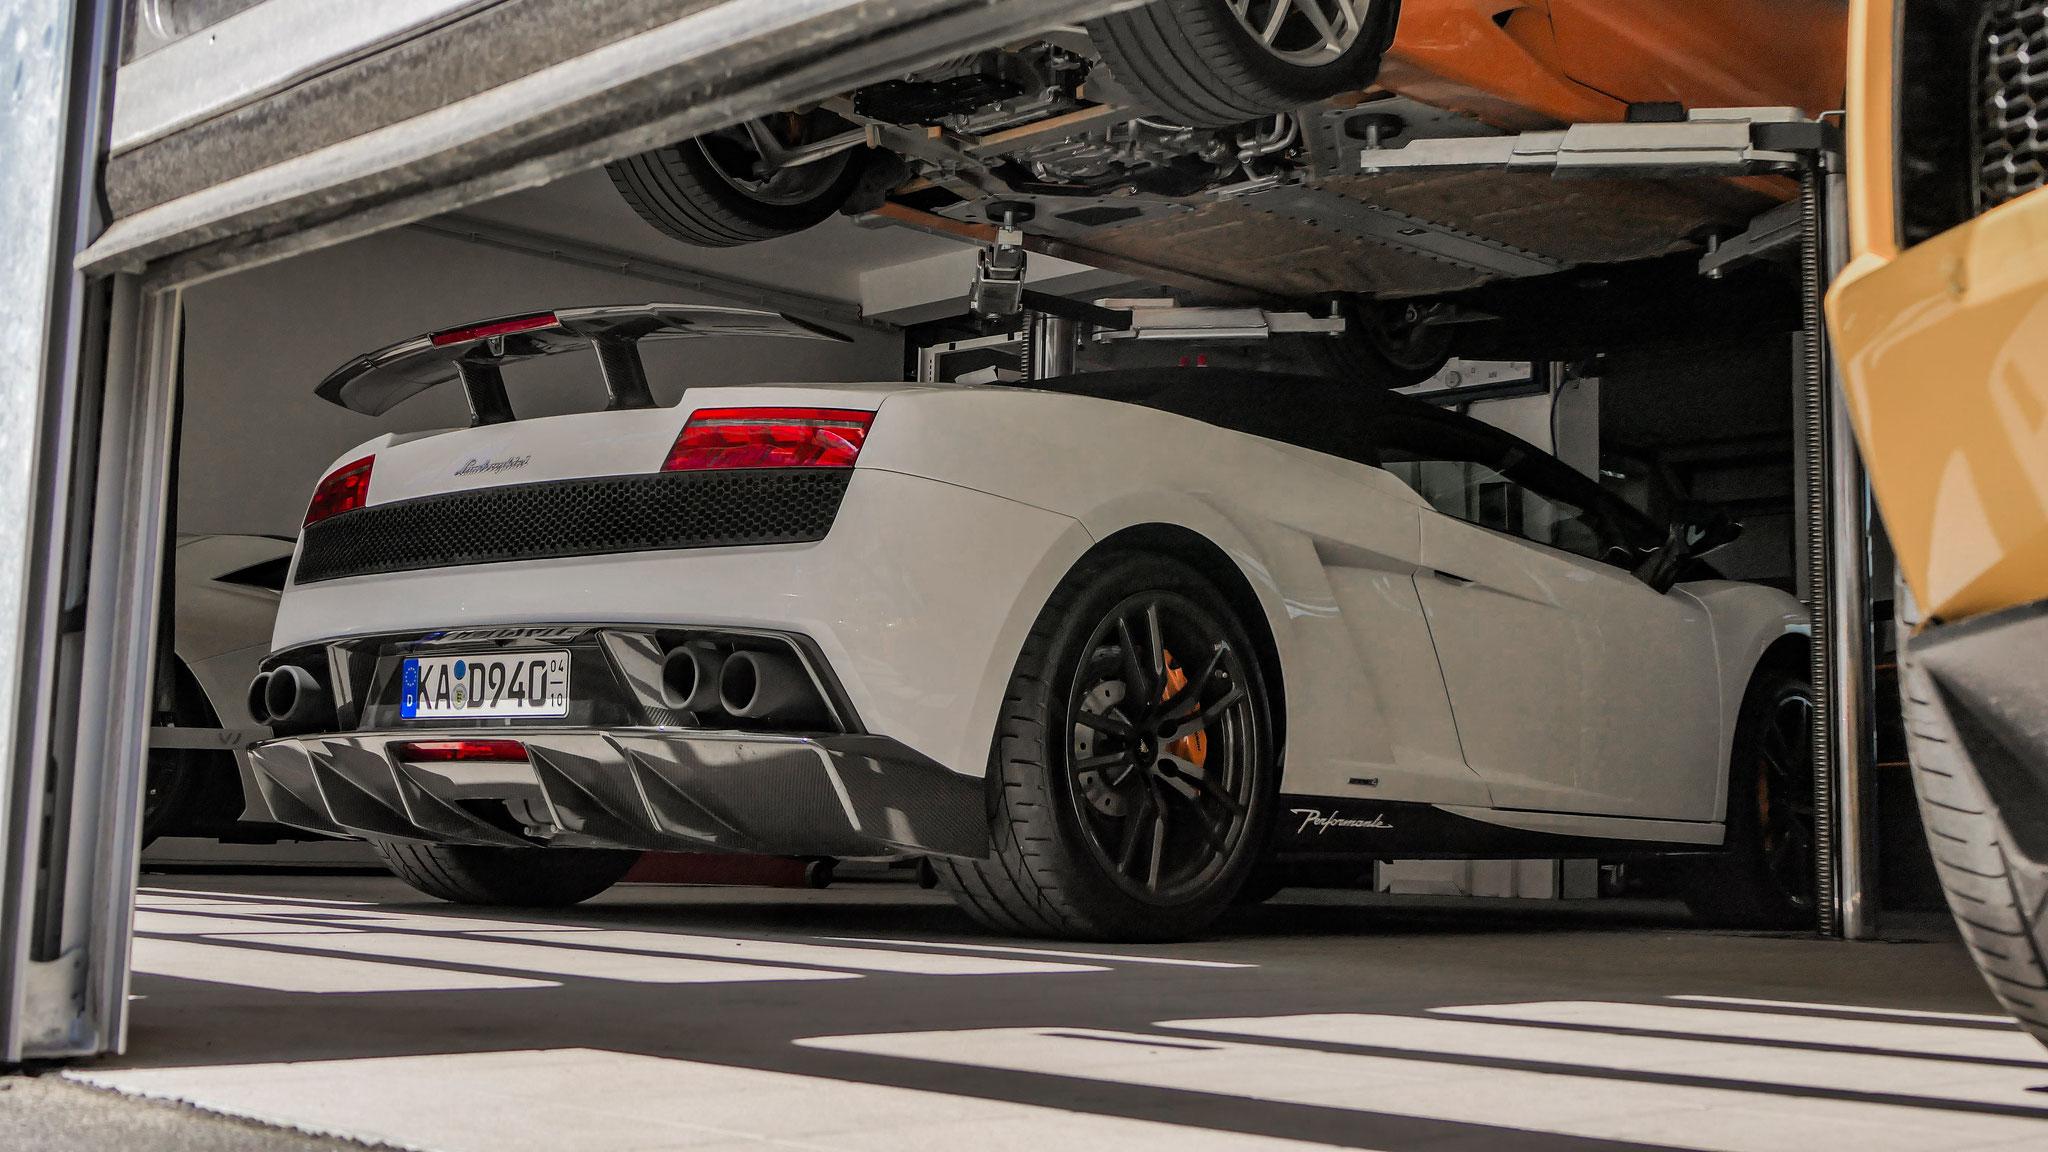 Lamborghini Gallardo LP 570-4 Performante - KA-D-940